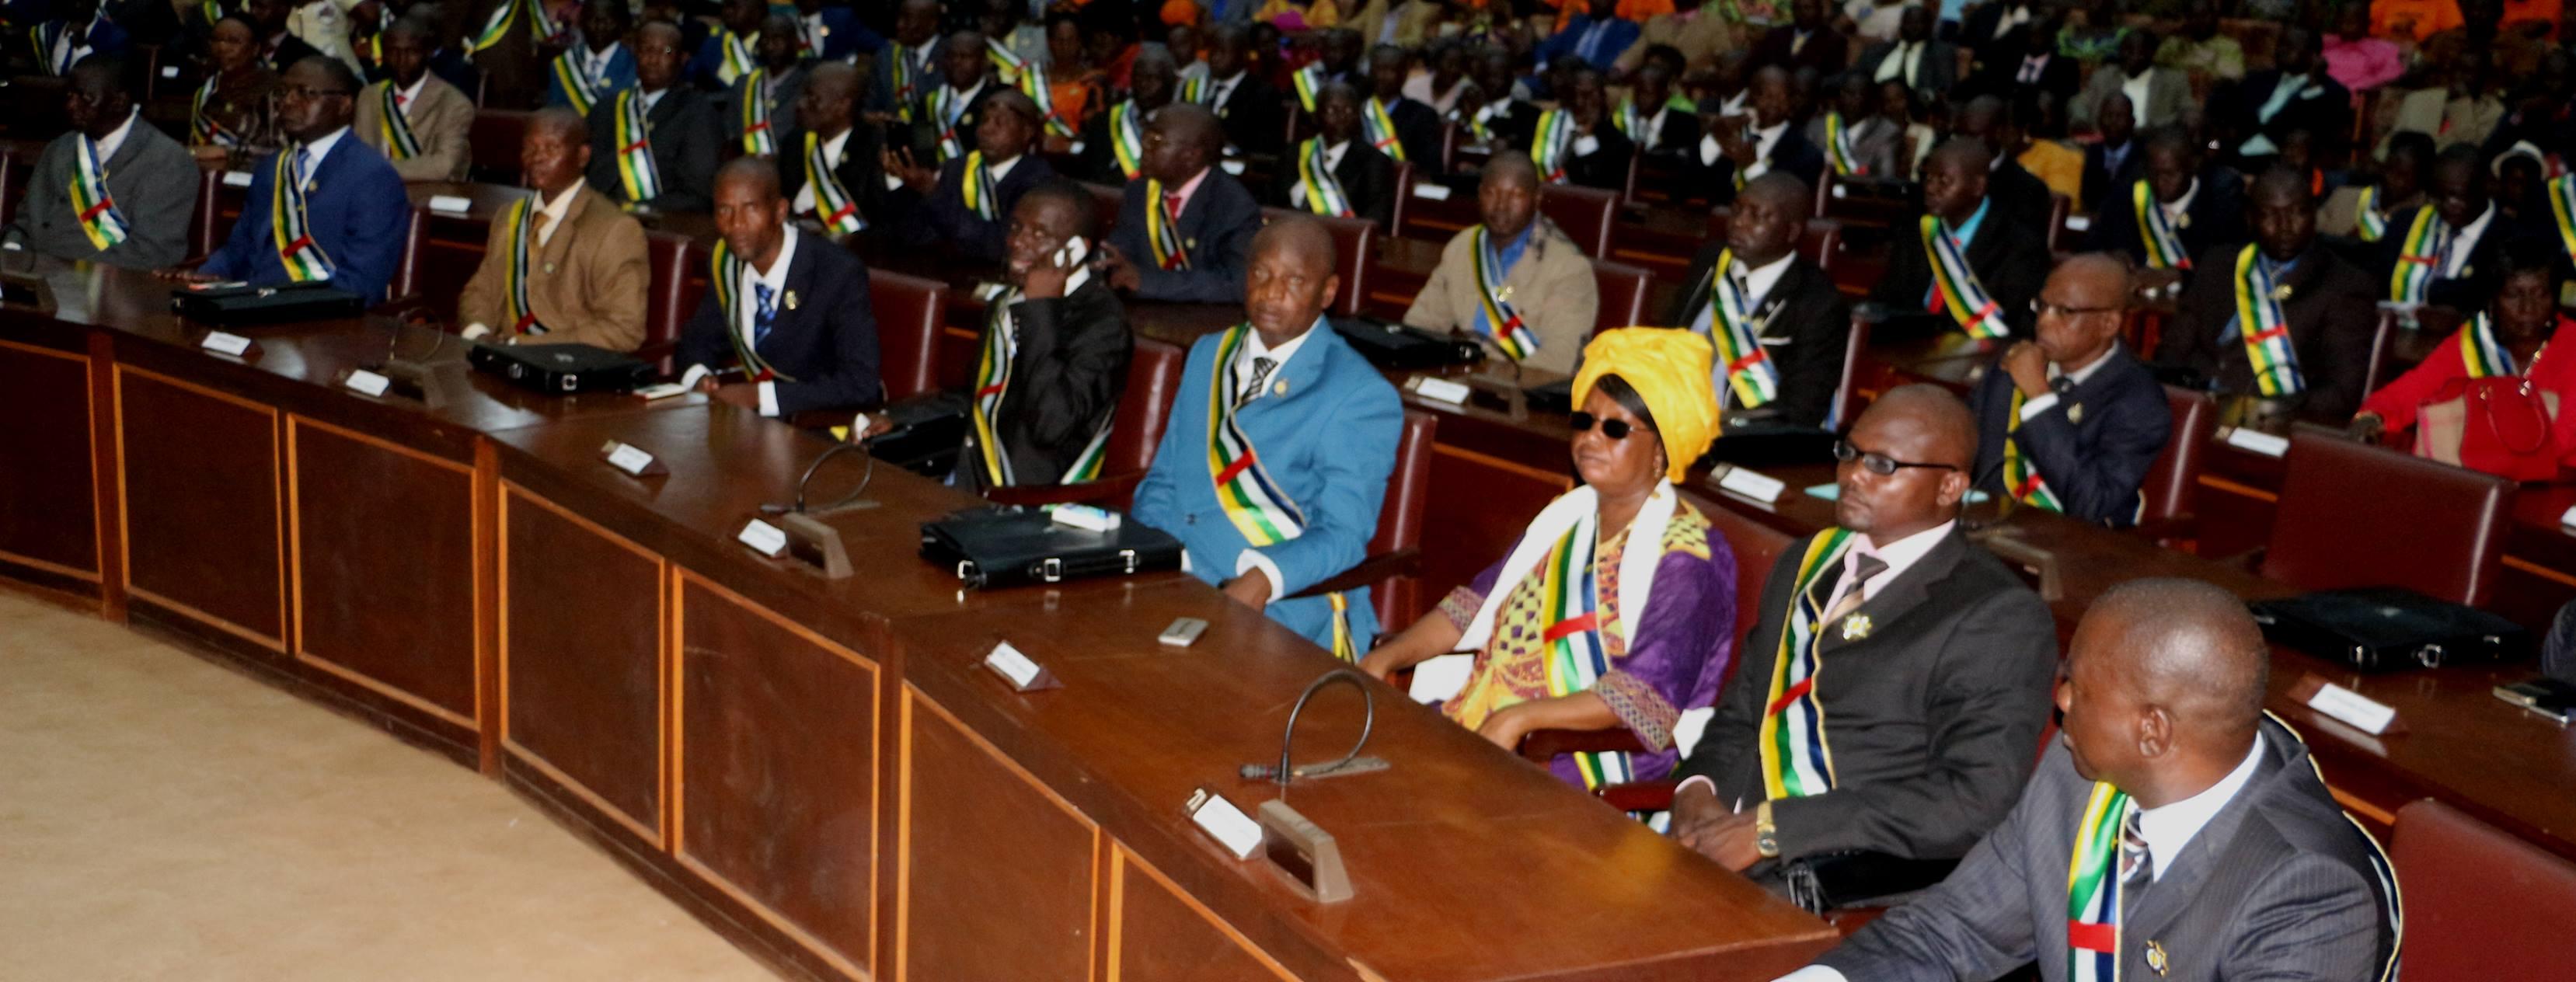 Les députés dans l'hémicycle du parlement centrafricain